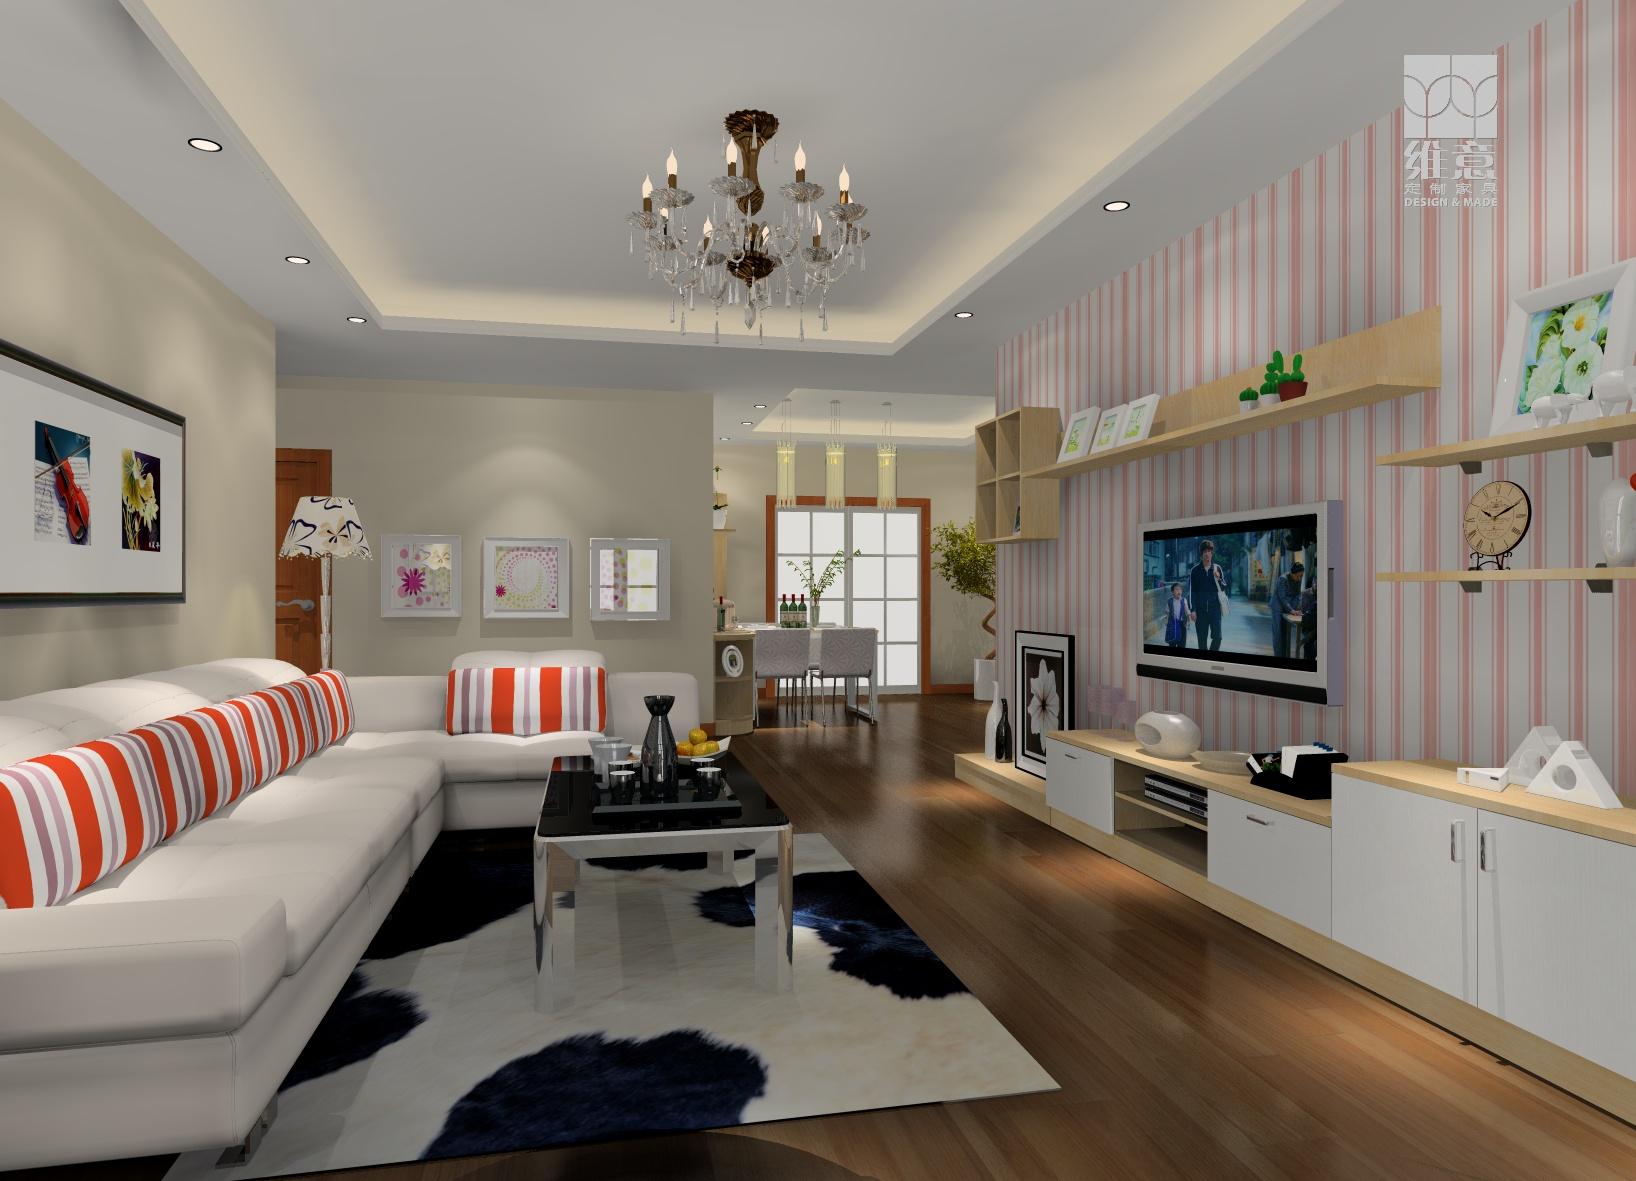 维意定制家具是全屋定制家具空间家具包含有:卧室,客厅,门厅,厨房,餐厅,书房。        地址:宁德万达金街一号门5#1011-1012(维意定制家具) 定制热线0593-2376111 维意定制家具的特点: 1.尺寸可变化 2.颜色可选择 3.款式可设计 4.功能可增可减 5.预算可高可低 维意定制家具服务流程 我们主张:先设计后定制 1.